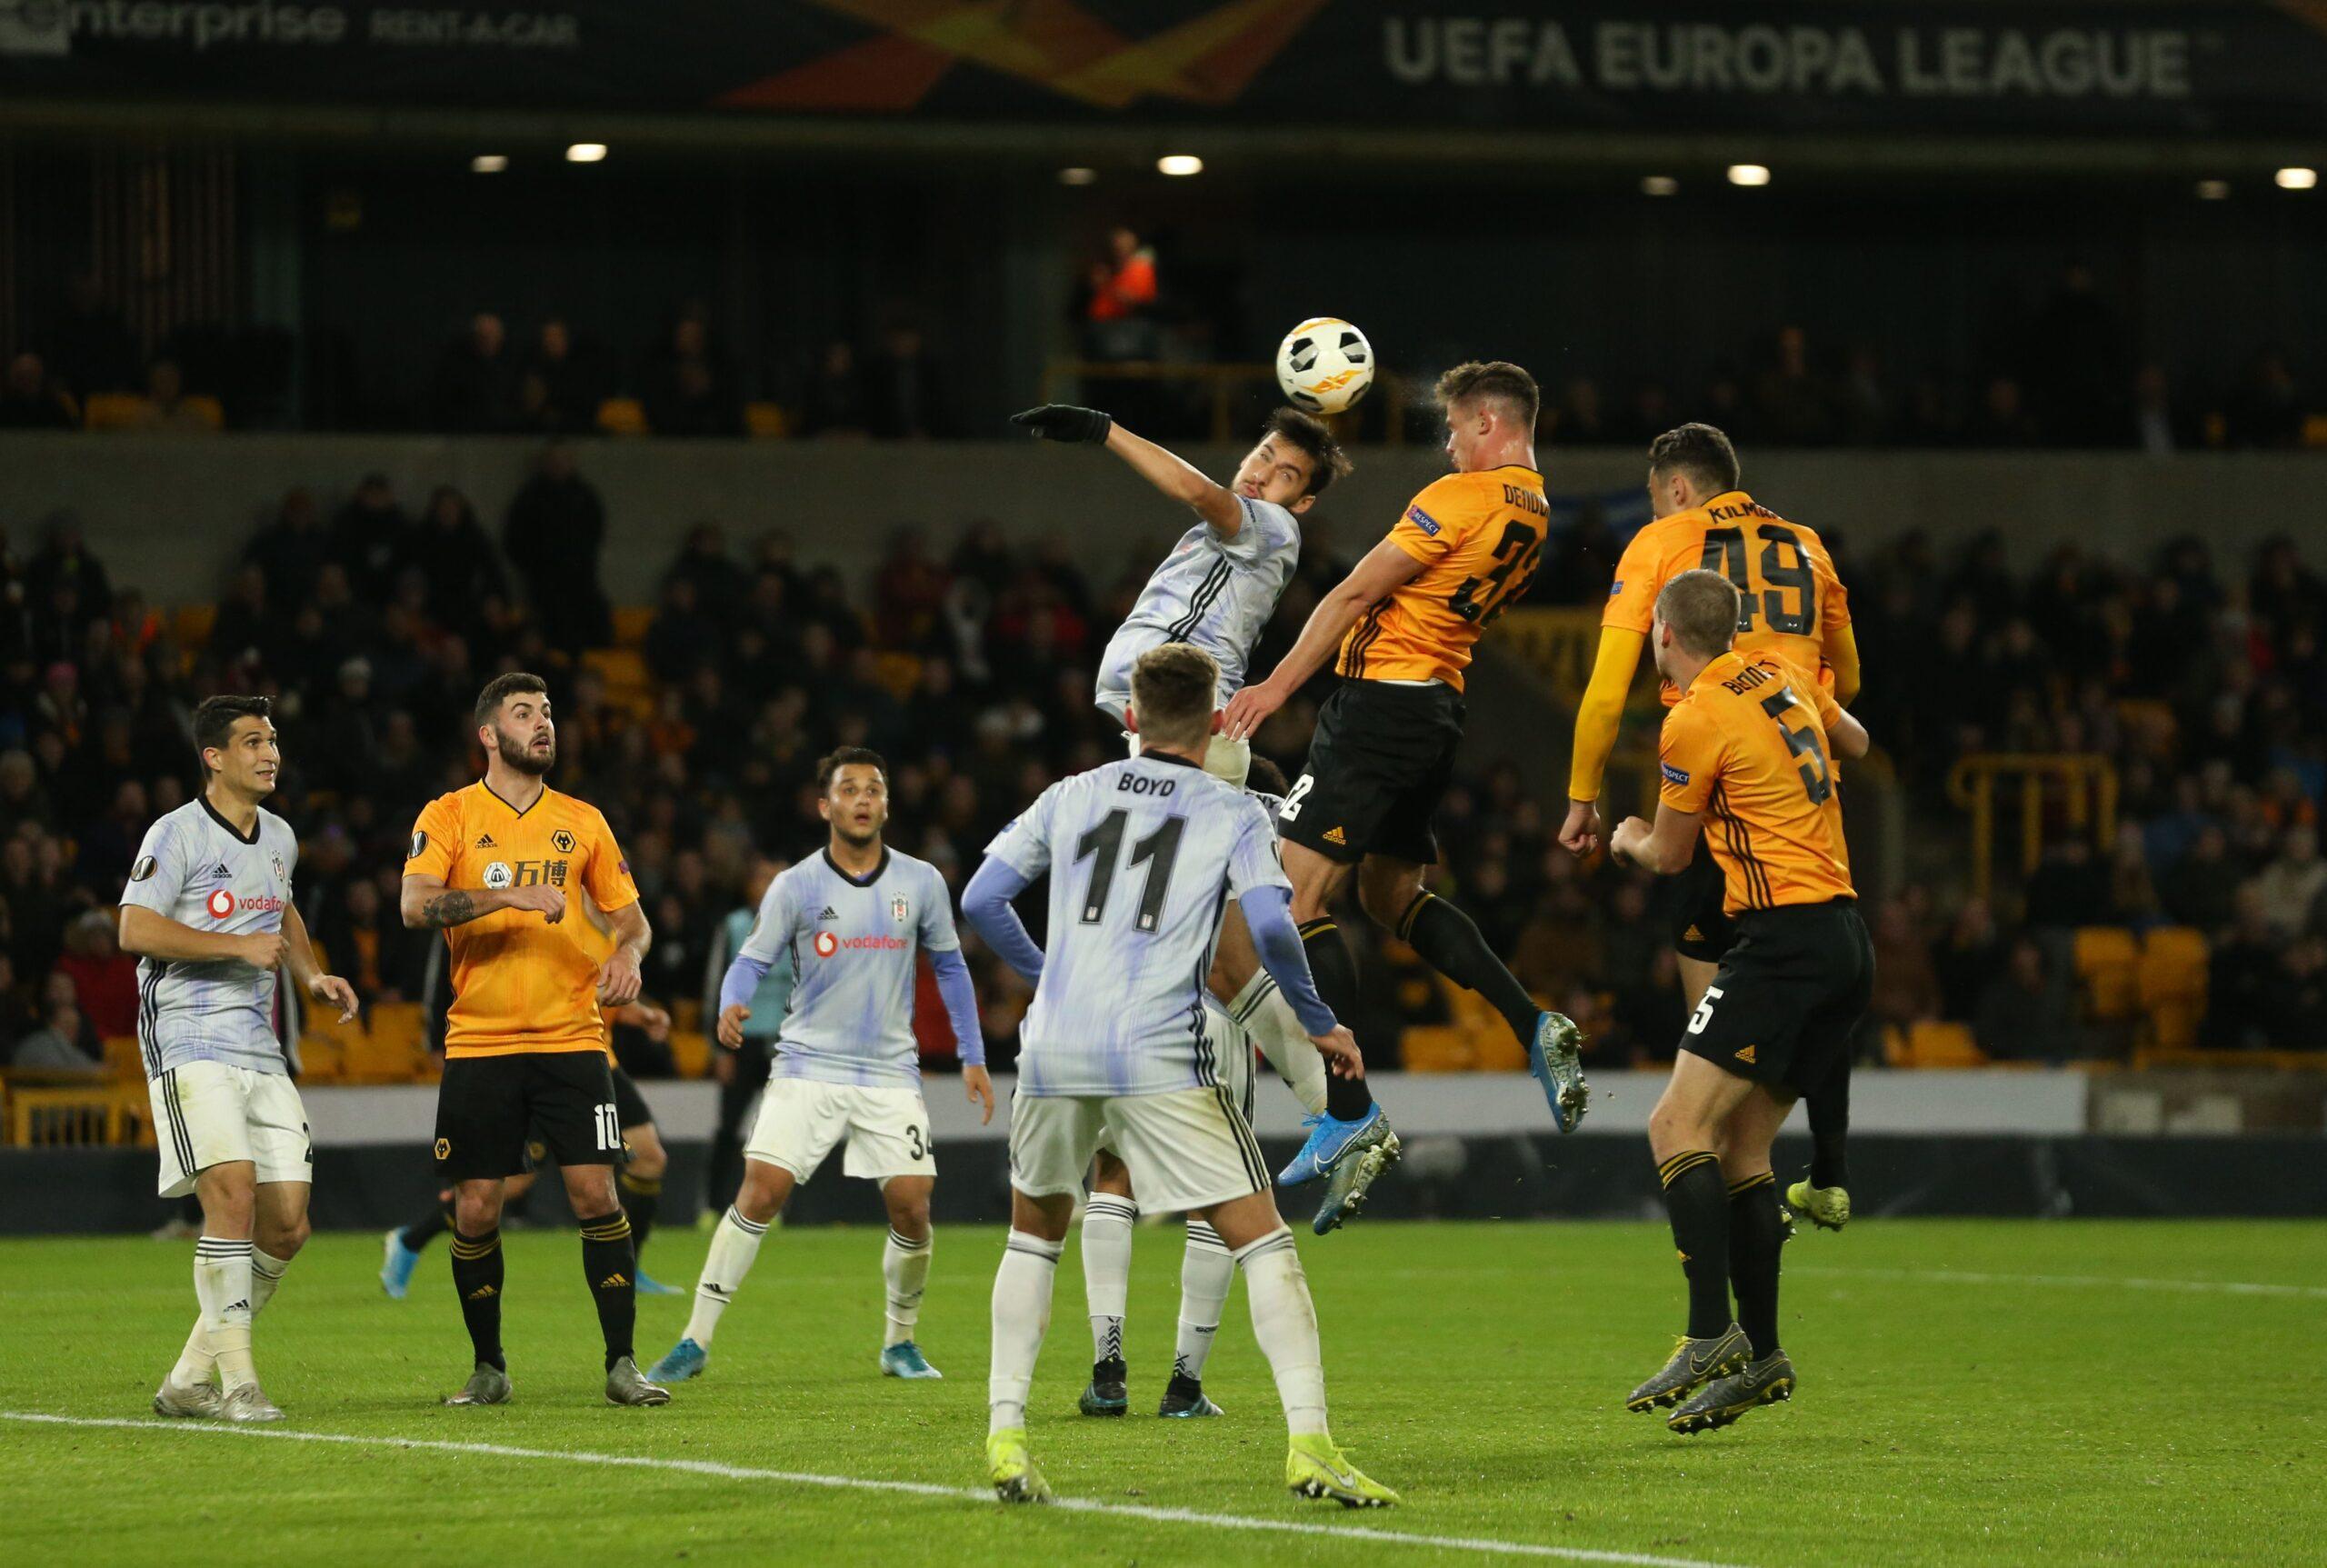 Fichaje casi cerrado entre Atlético y Besiktas según AS